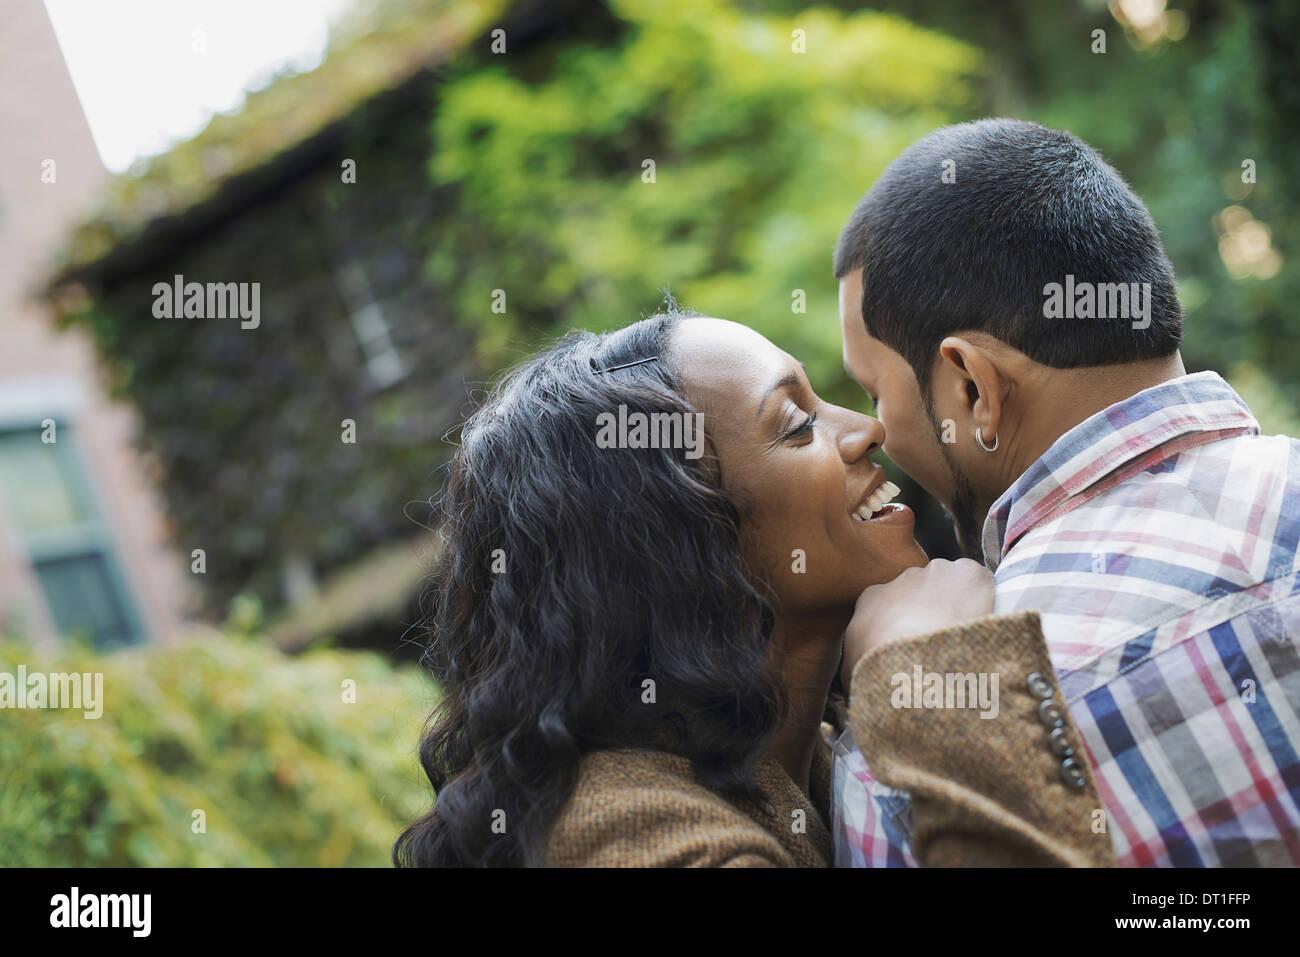 Scènes de la vie urbaine à New York un homme et une femme un couple hugging chaque autres Photo Stock